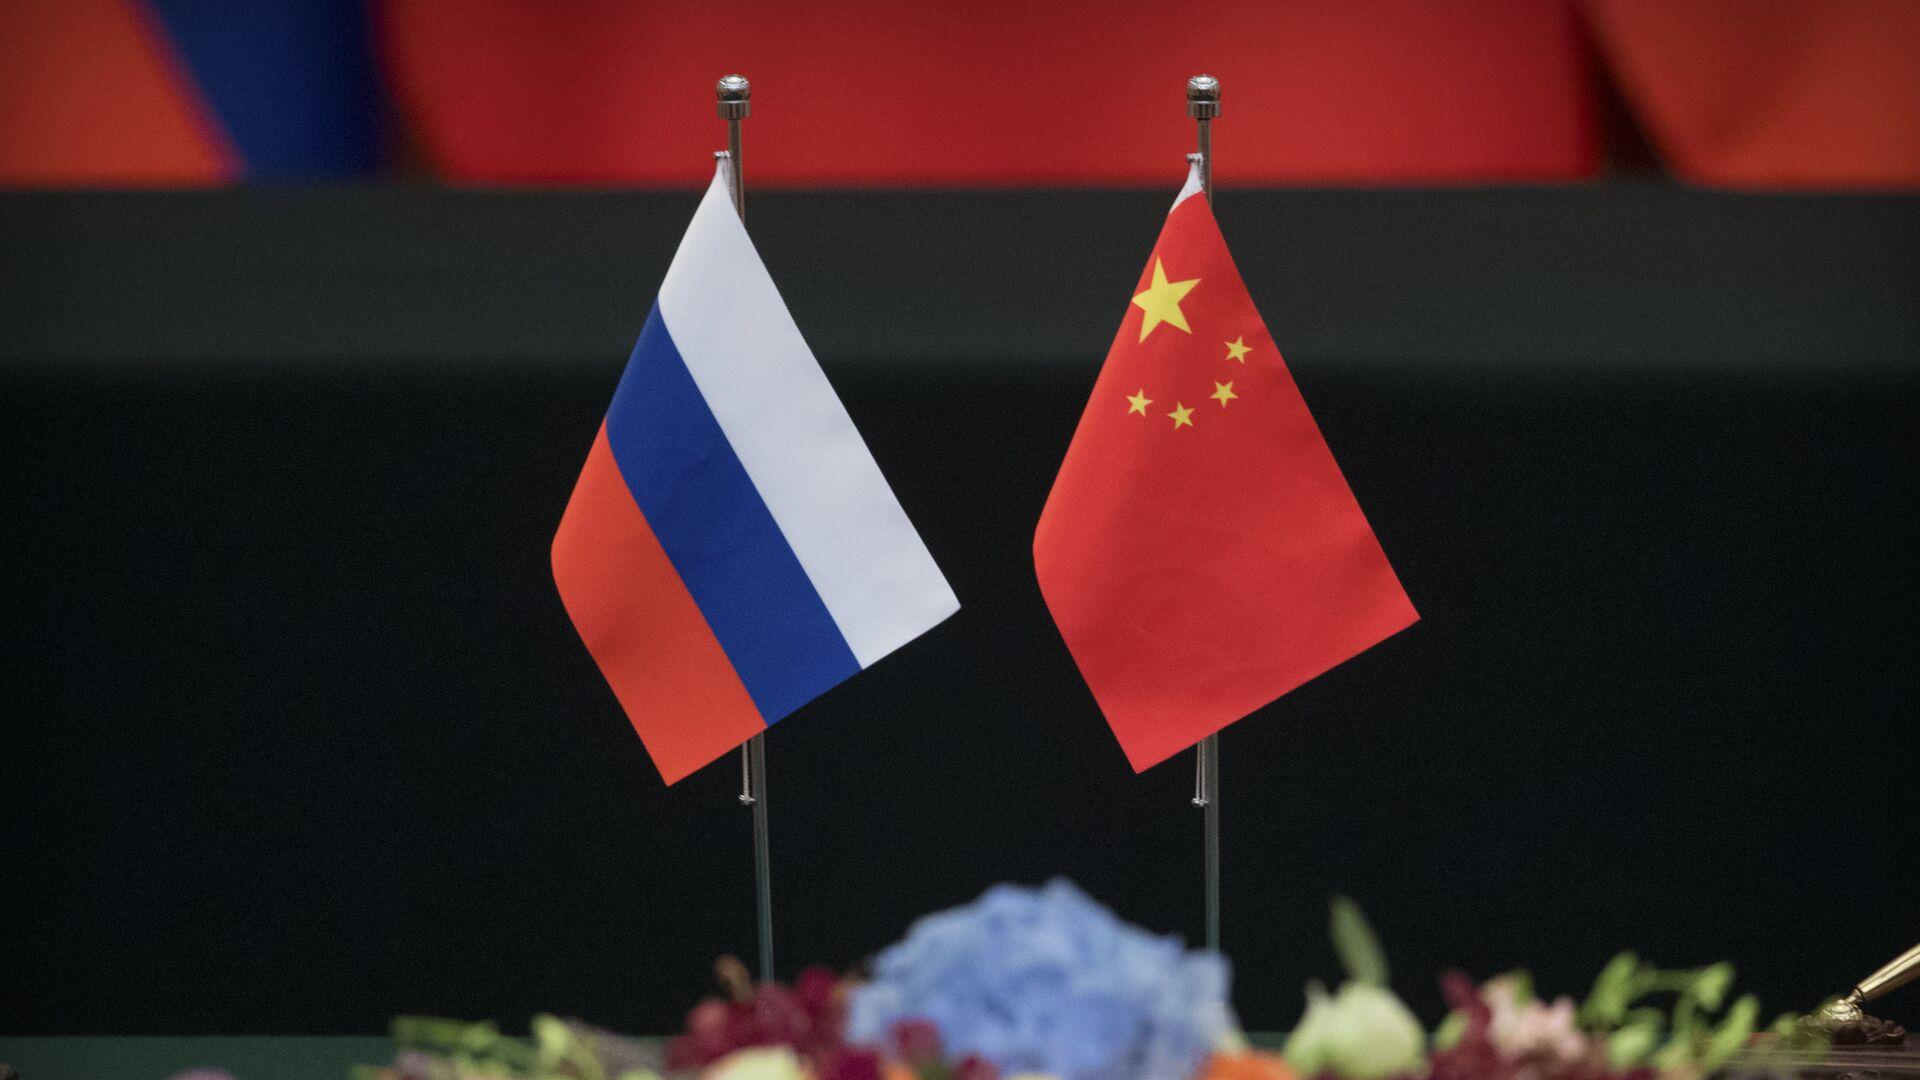 Las banderas de Rusia y China - Sputnik Mundo, 1920, 14.07.2021